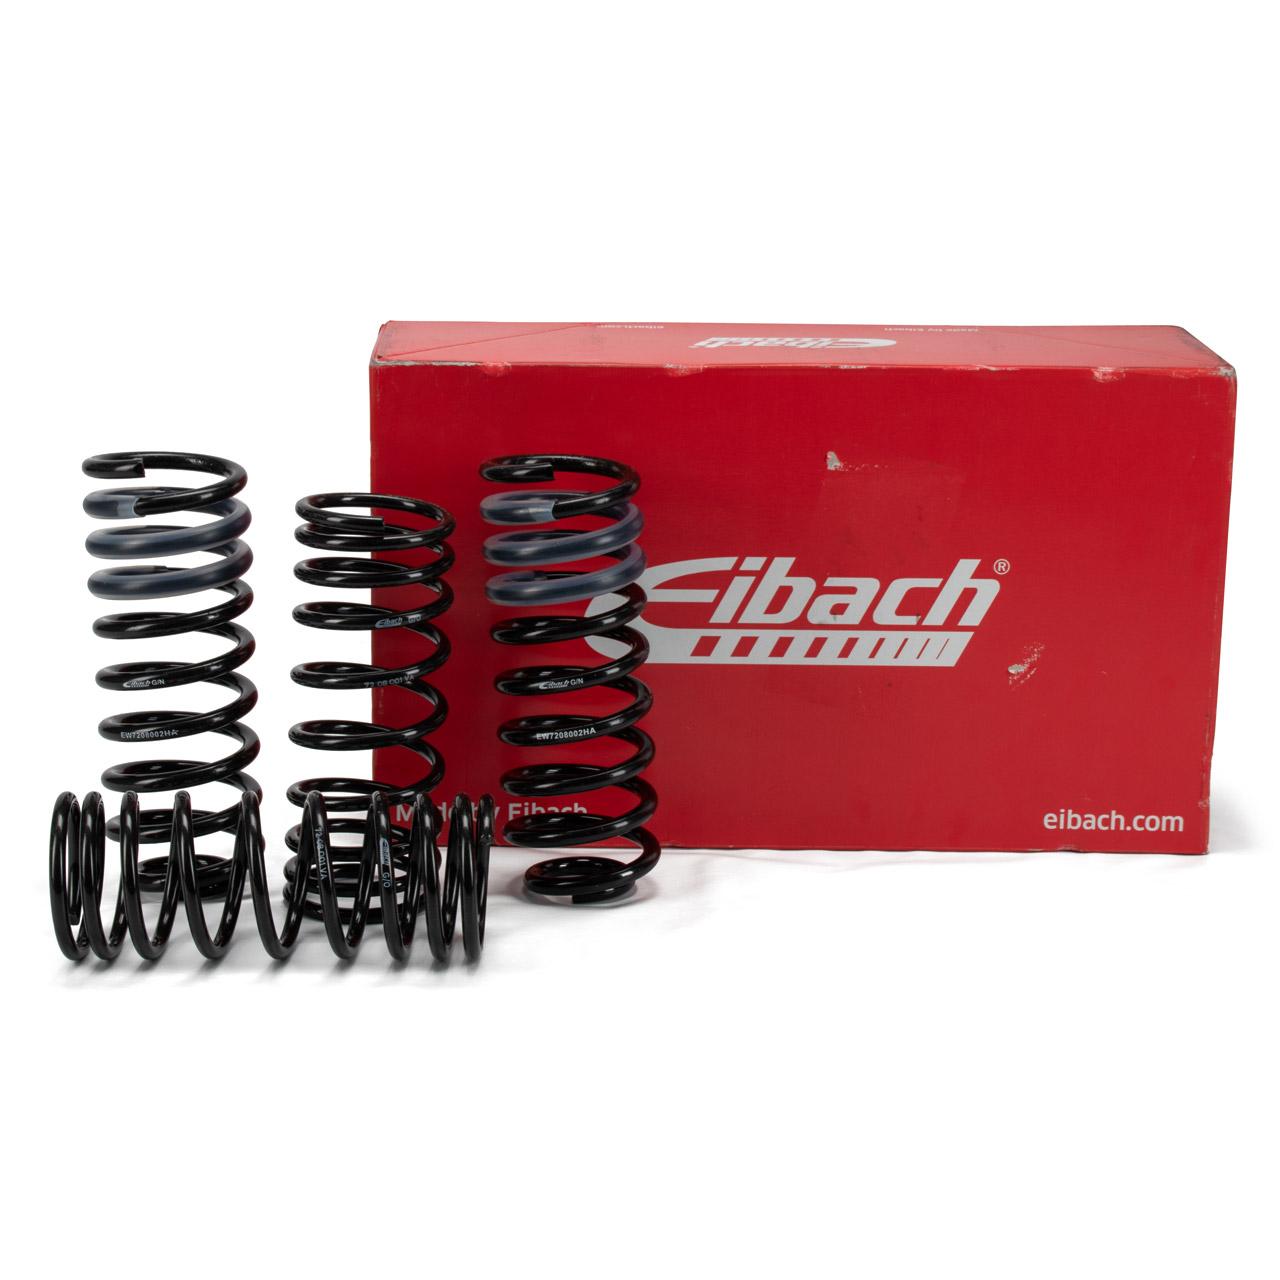 EIBACH E7208-140 Pro-Kit Tieferlegungsfedernsatz PORSCHE 993 3.6/3.8 Carrera vorne hinten